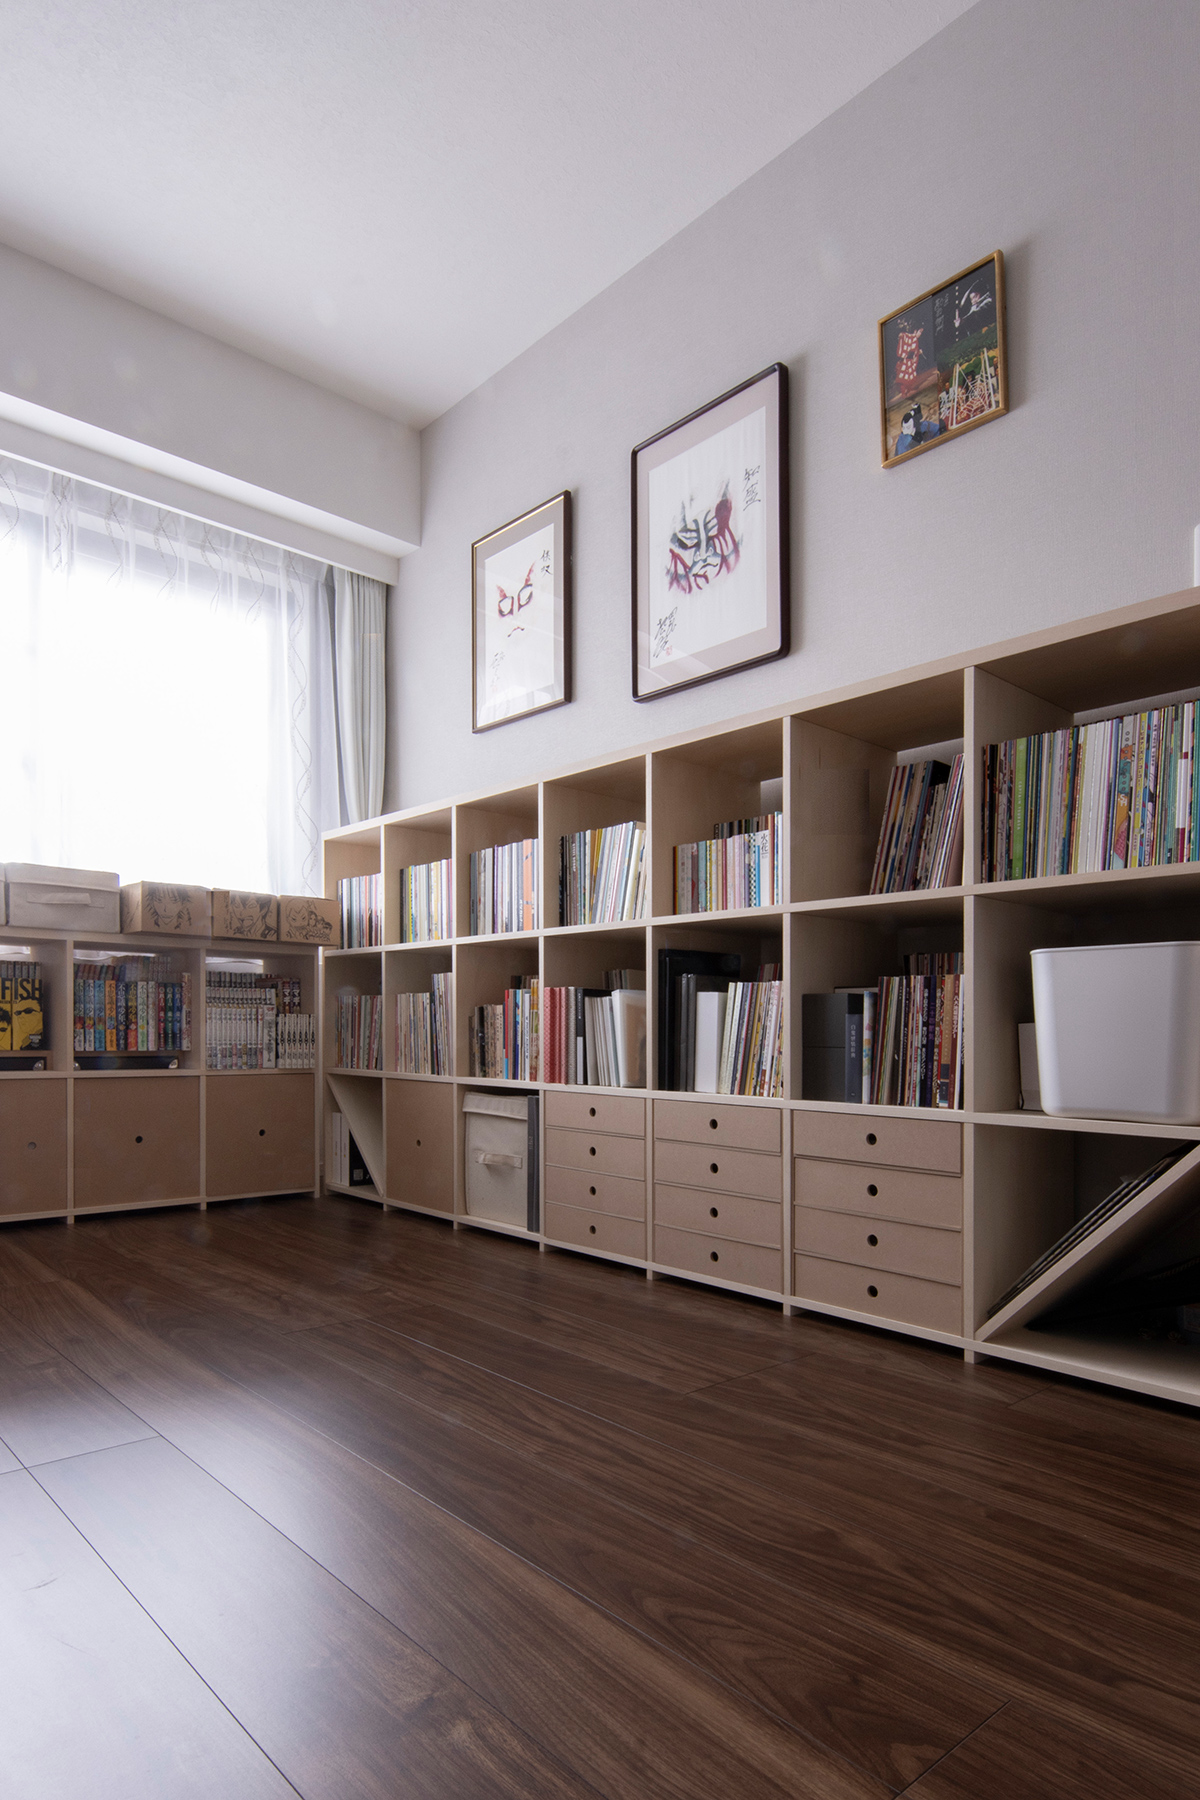 ロータイプで壁3面を囲む   壁一面の本棚 奥行350mm ロータイプ / Shelf (No.12)   マルゲリータ使用例